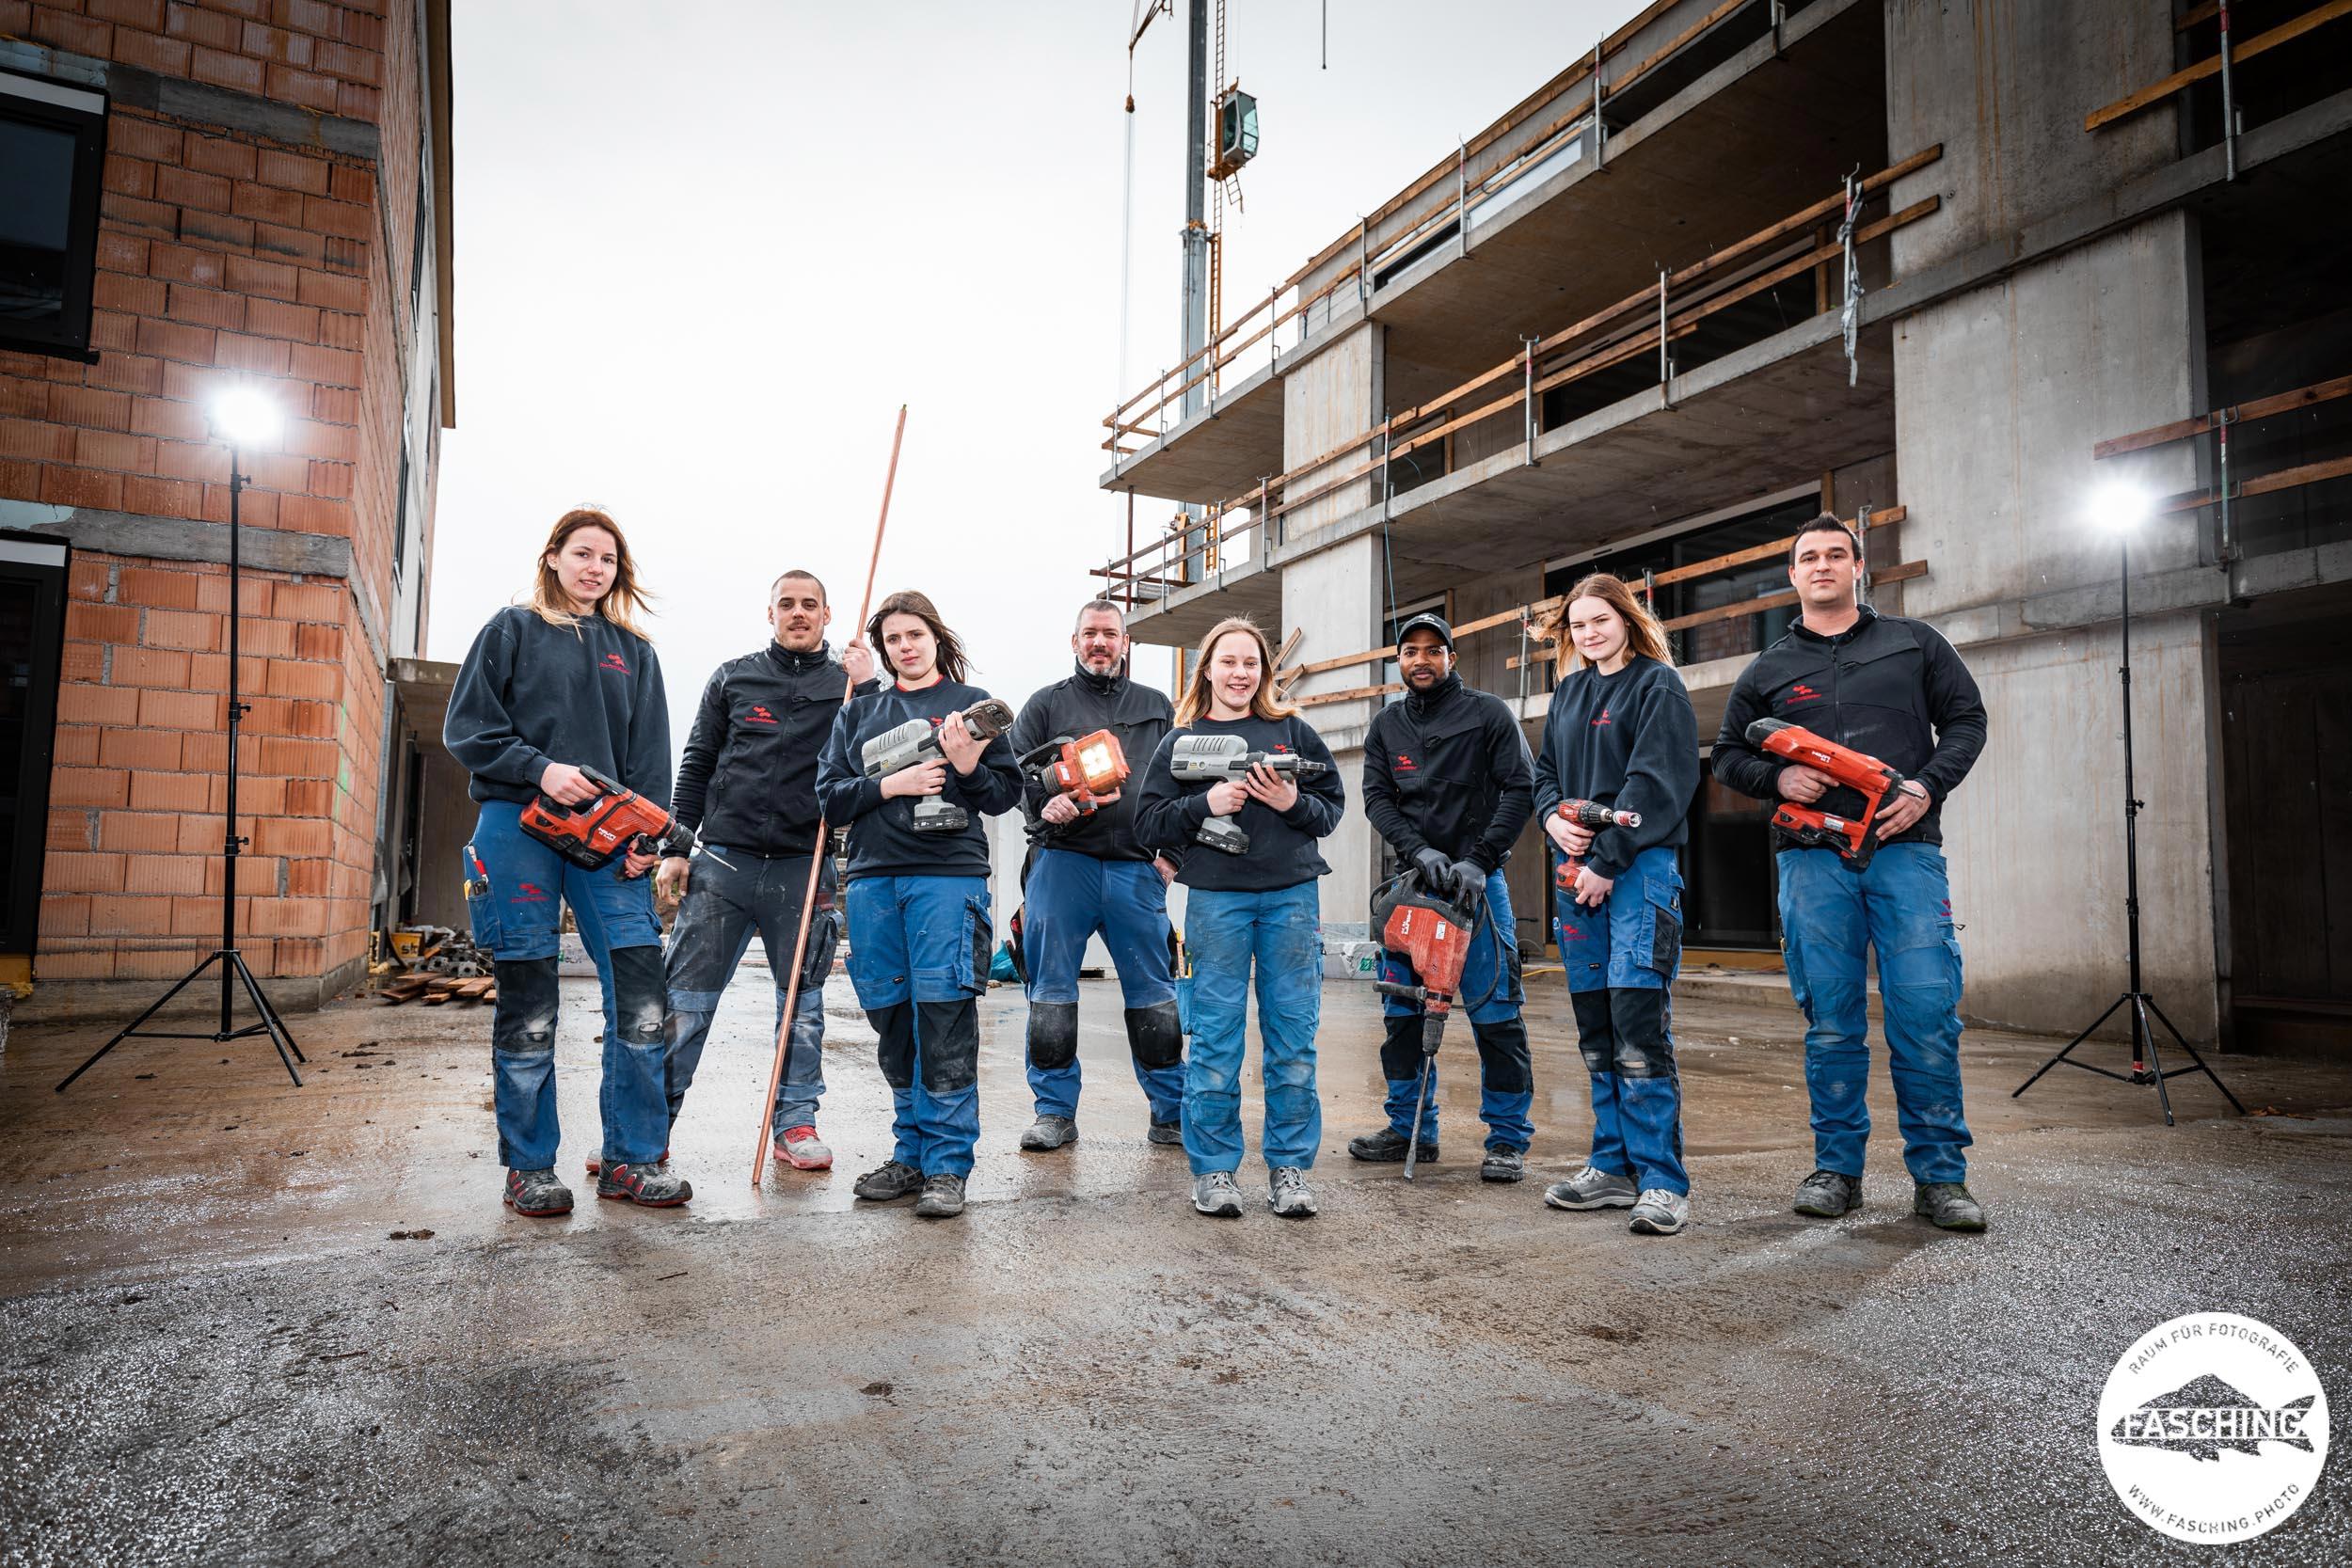 Teamfoto vom Dorfinstallateur Team